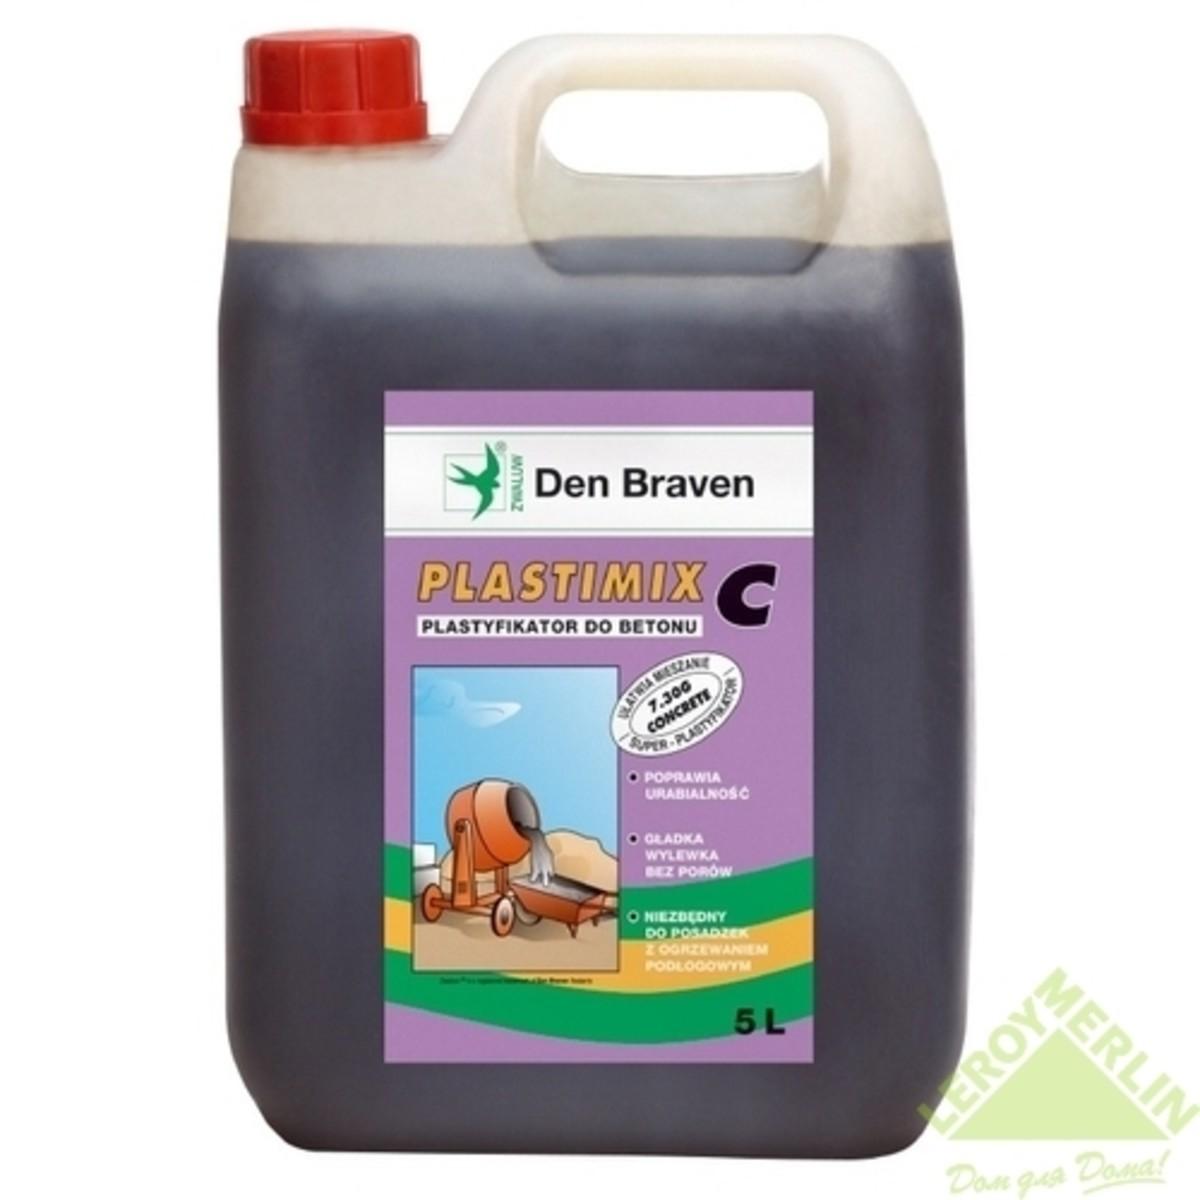 Пластификатор для бетона купить в леруа песок для строительных растворов должен быть